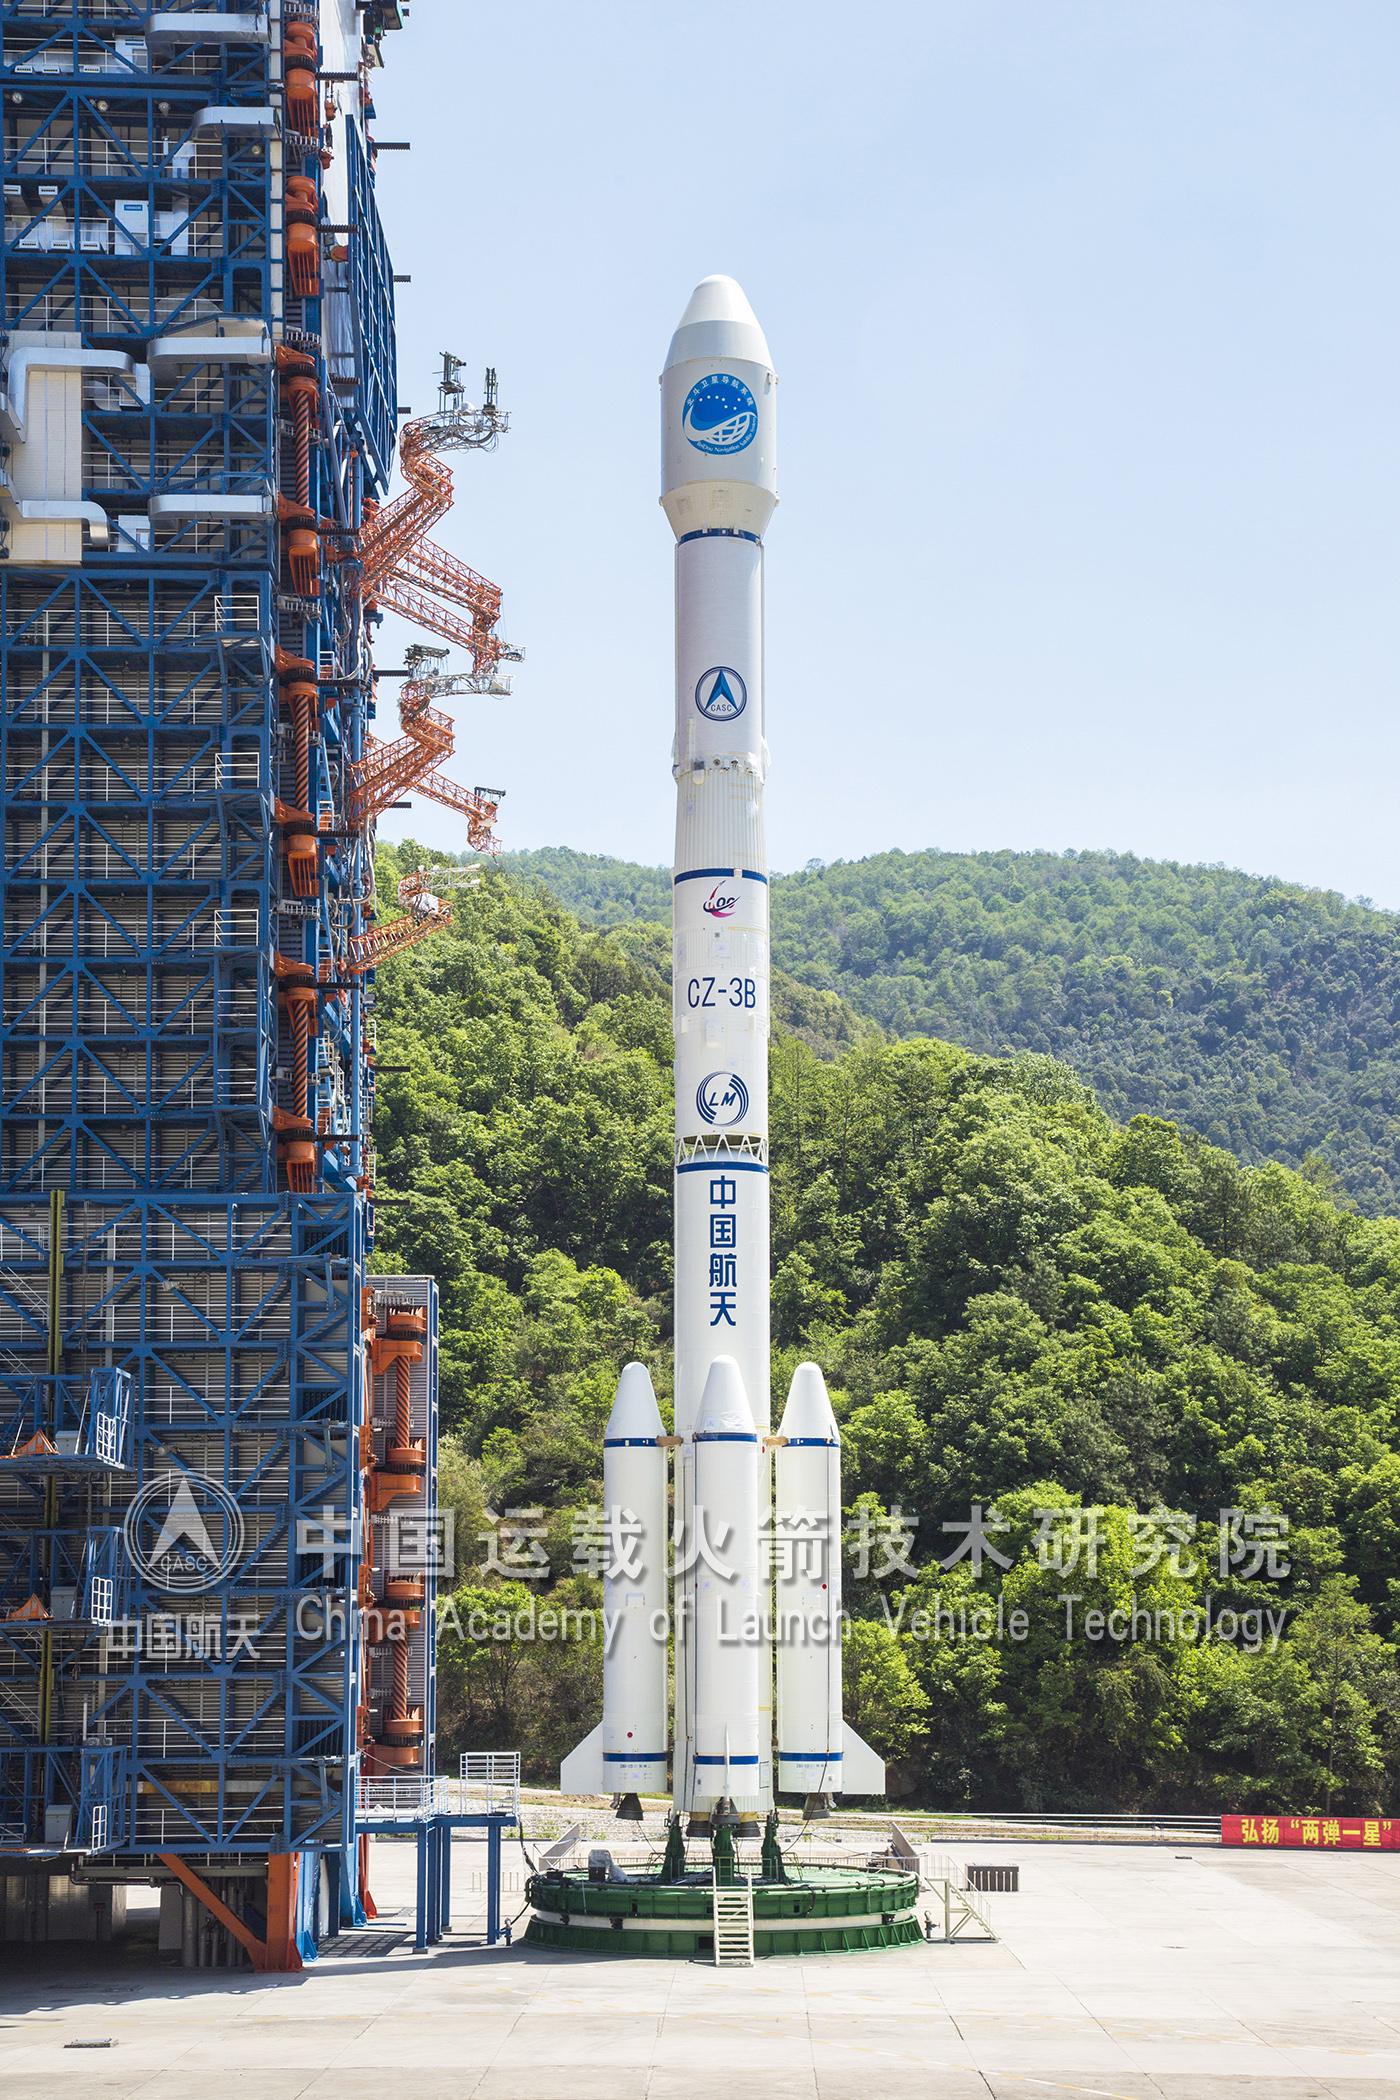 火箭的基本结构